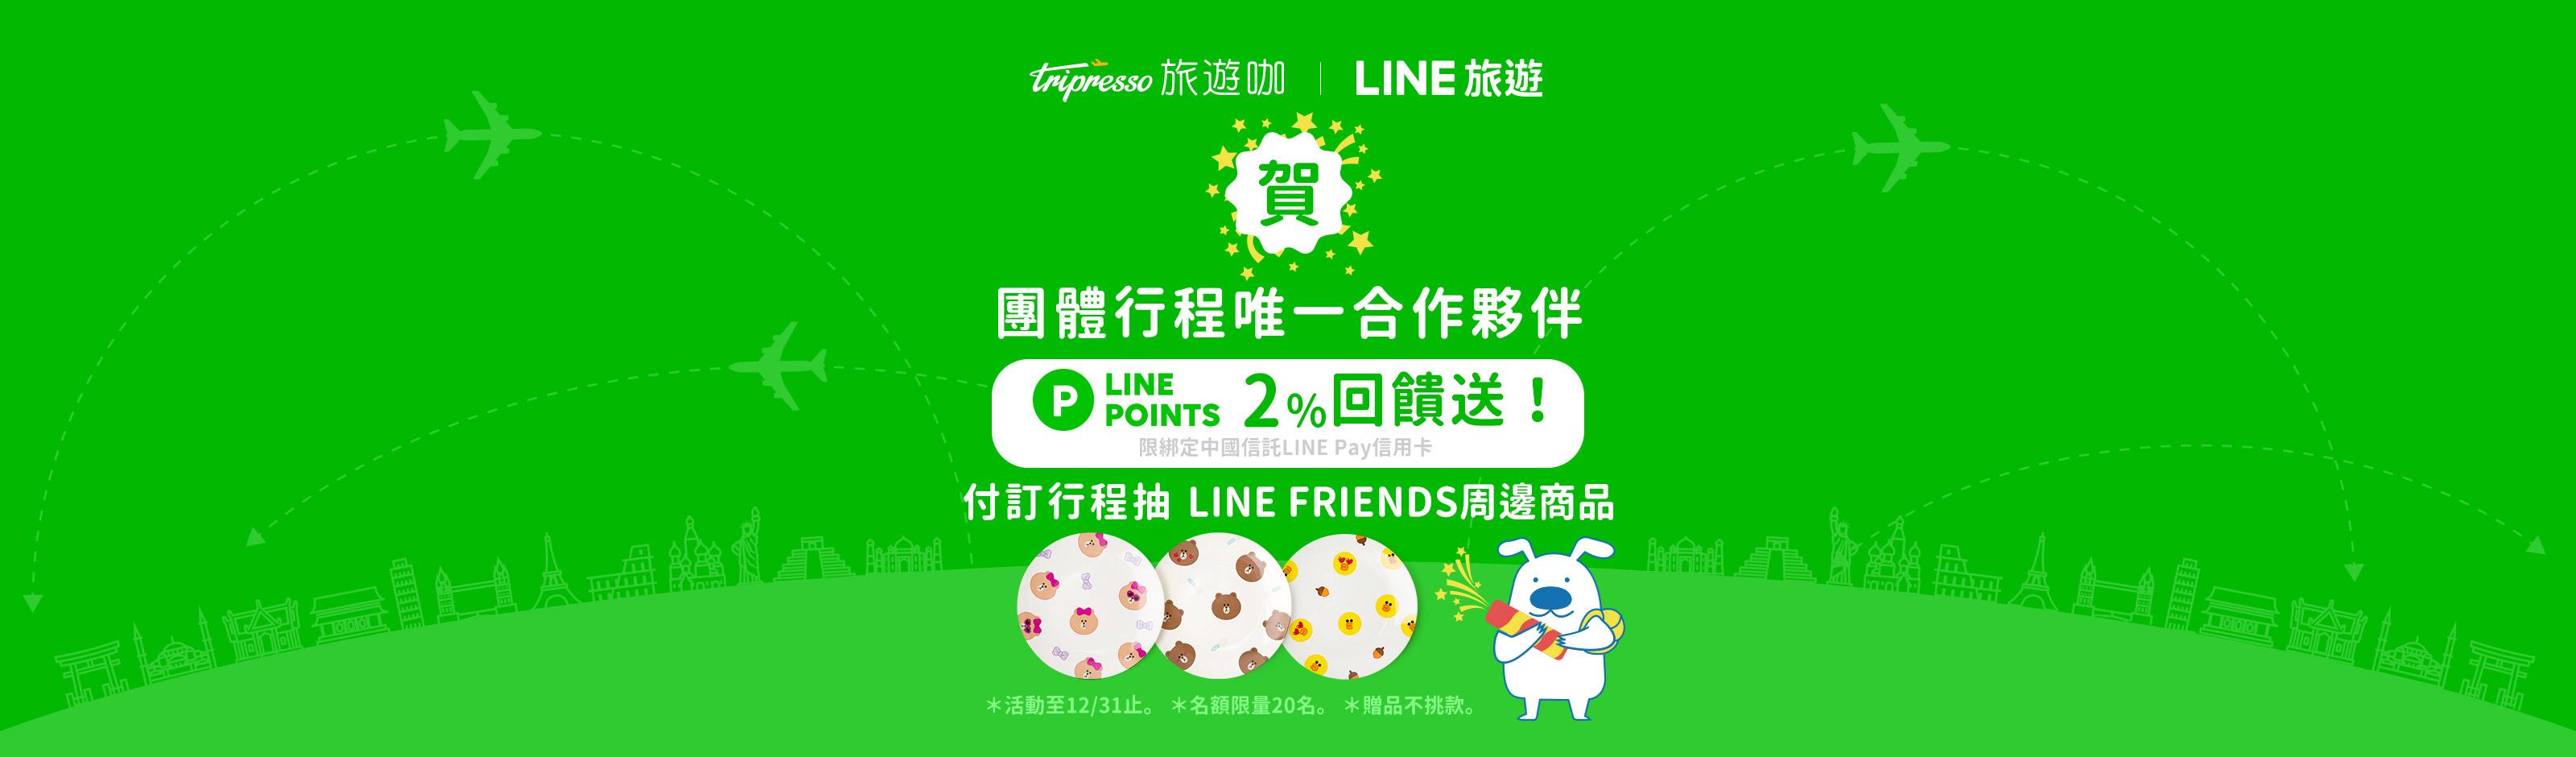 LINE夥伴